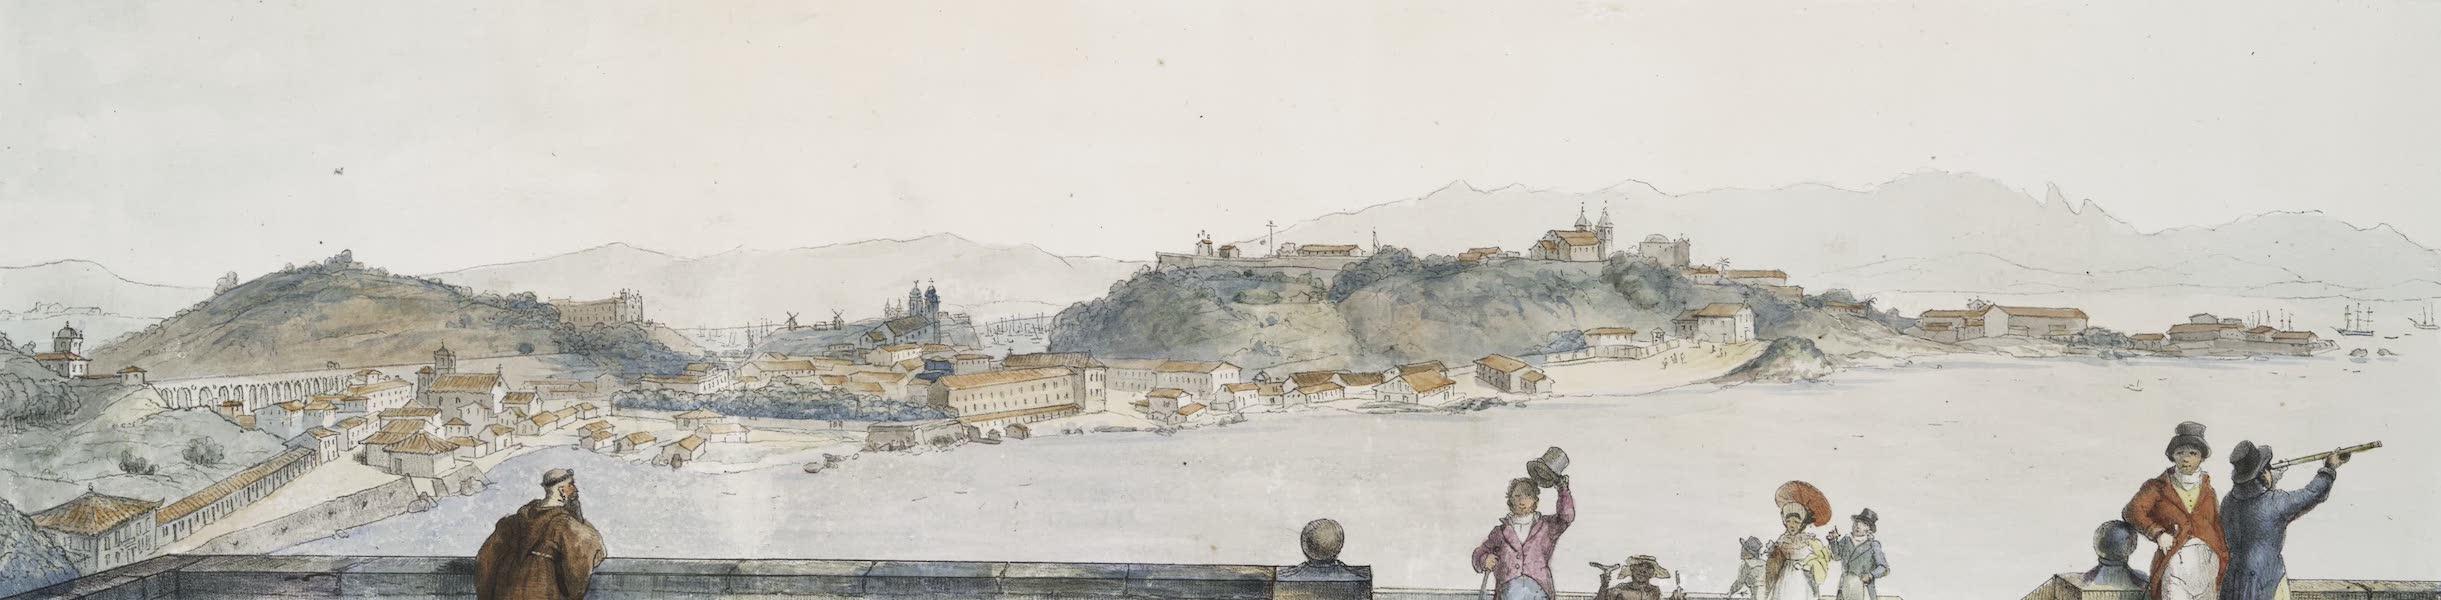 Voyage Pittoresque et Historique au Bresil Vol. 3 - Vue de la meme Ville, prise de l'église de N.N. de la Gloire (1839)